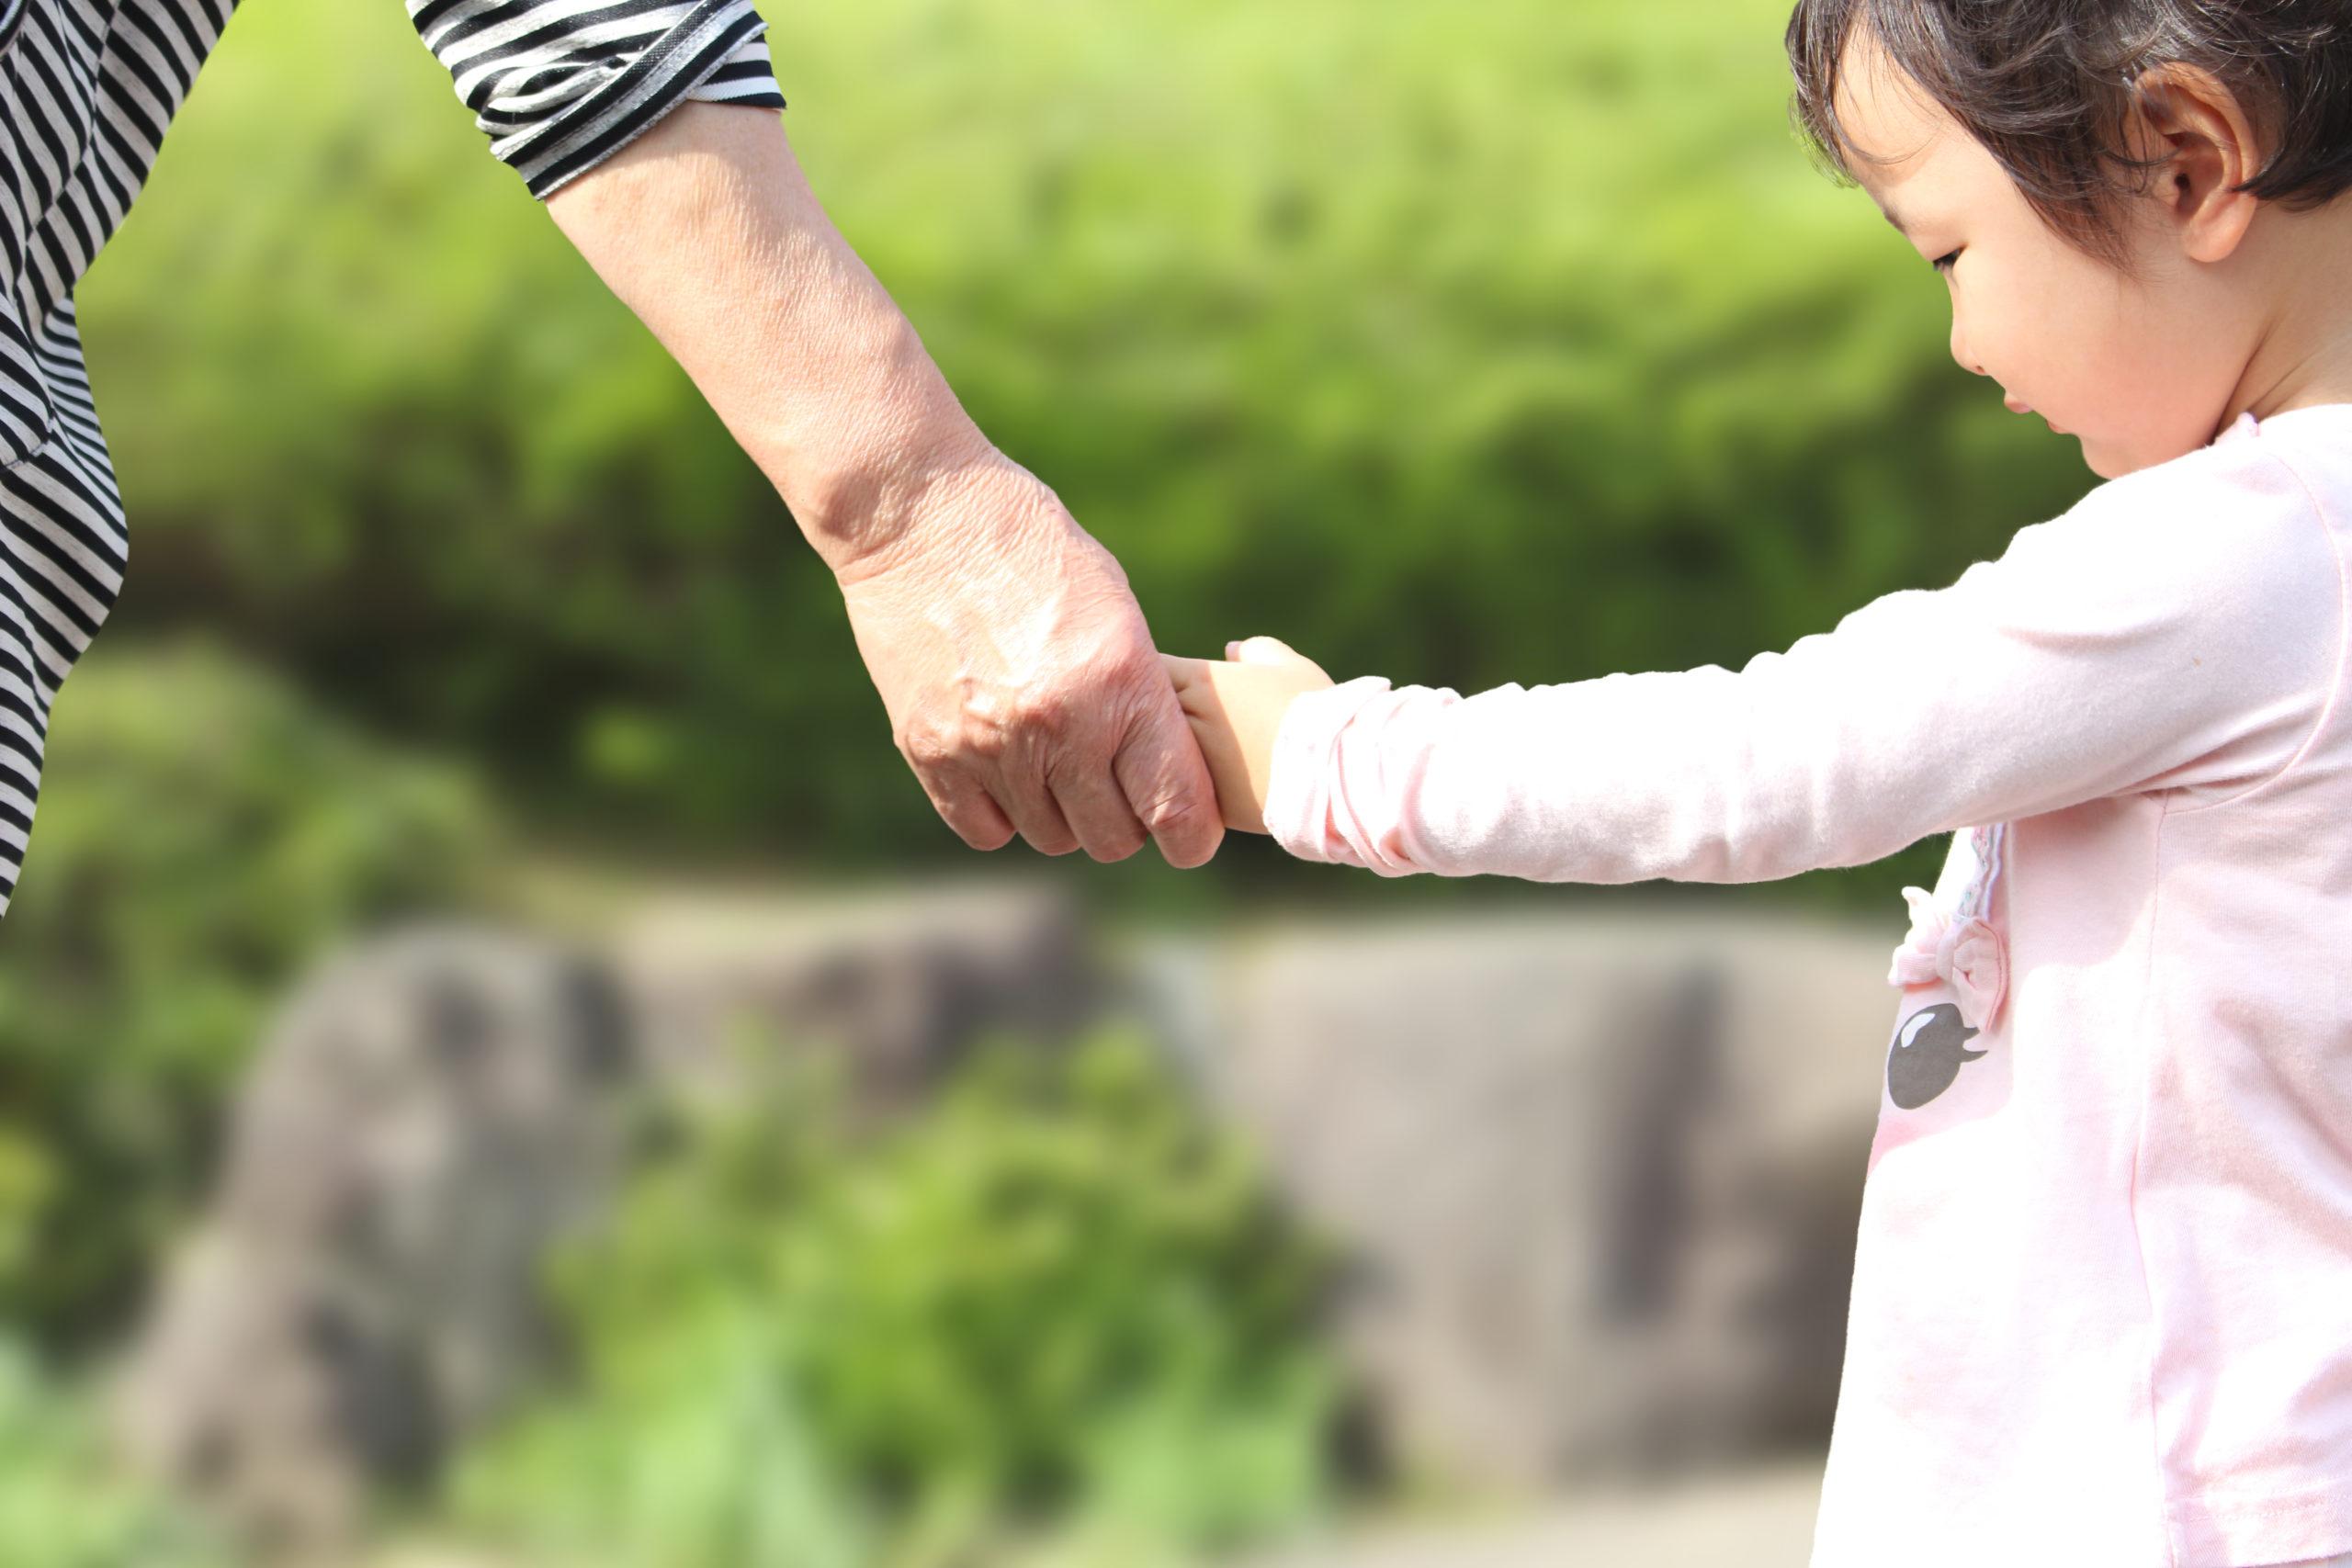 新型コロナ 日本 基礎疾患持ちの高齢者 現役世代